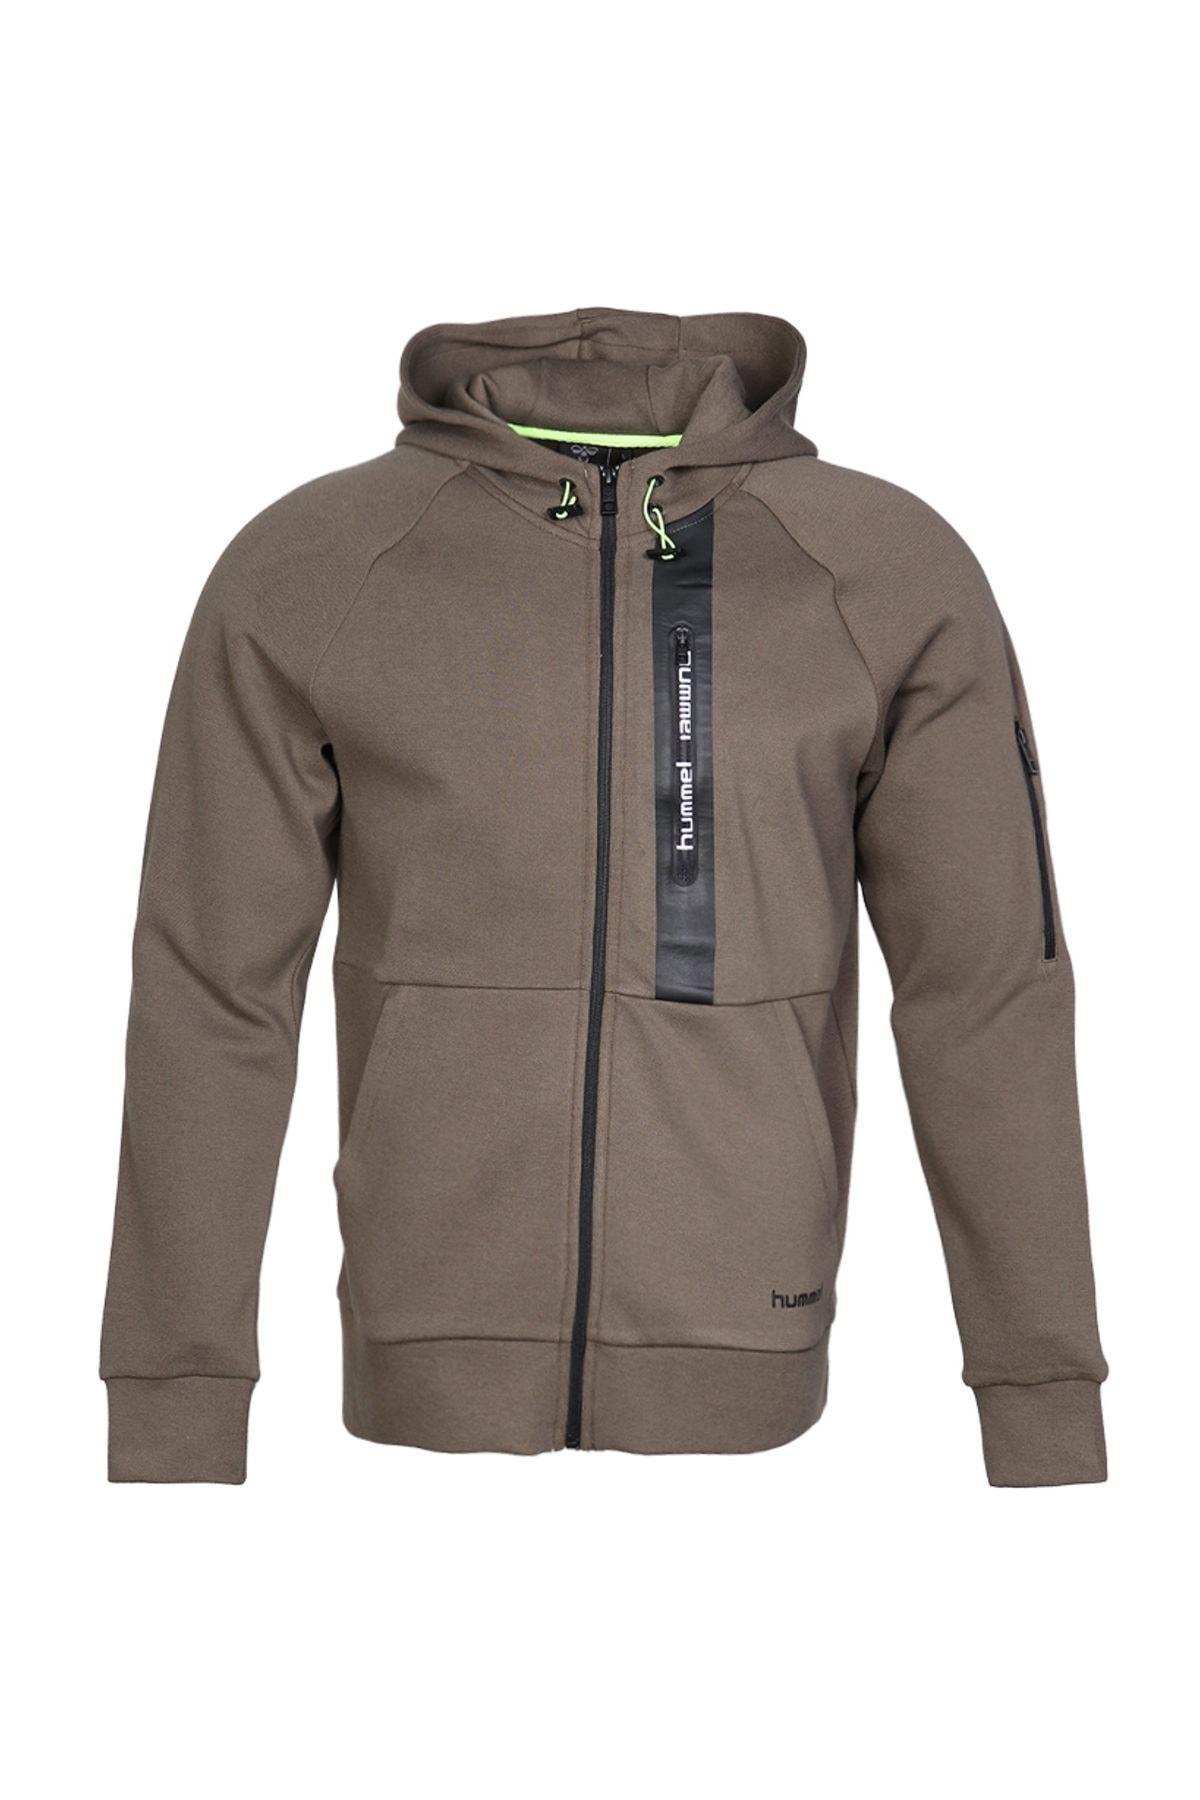 HUMMEL Erkek Sweatshirt - Francesco Sweatshirt 1